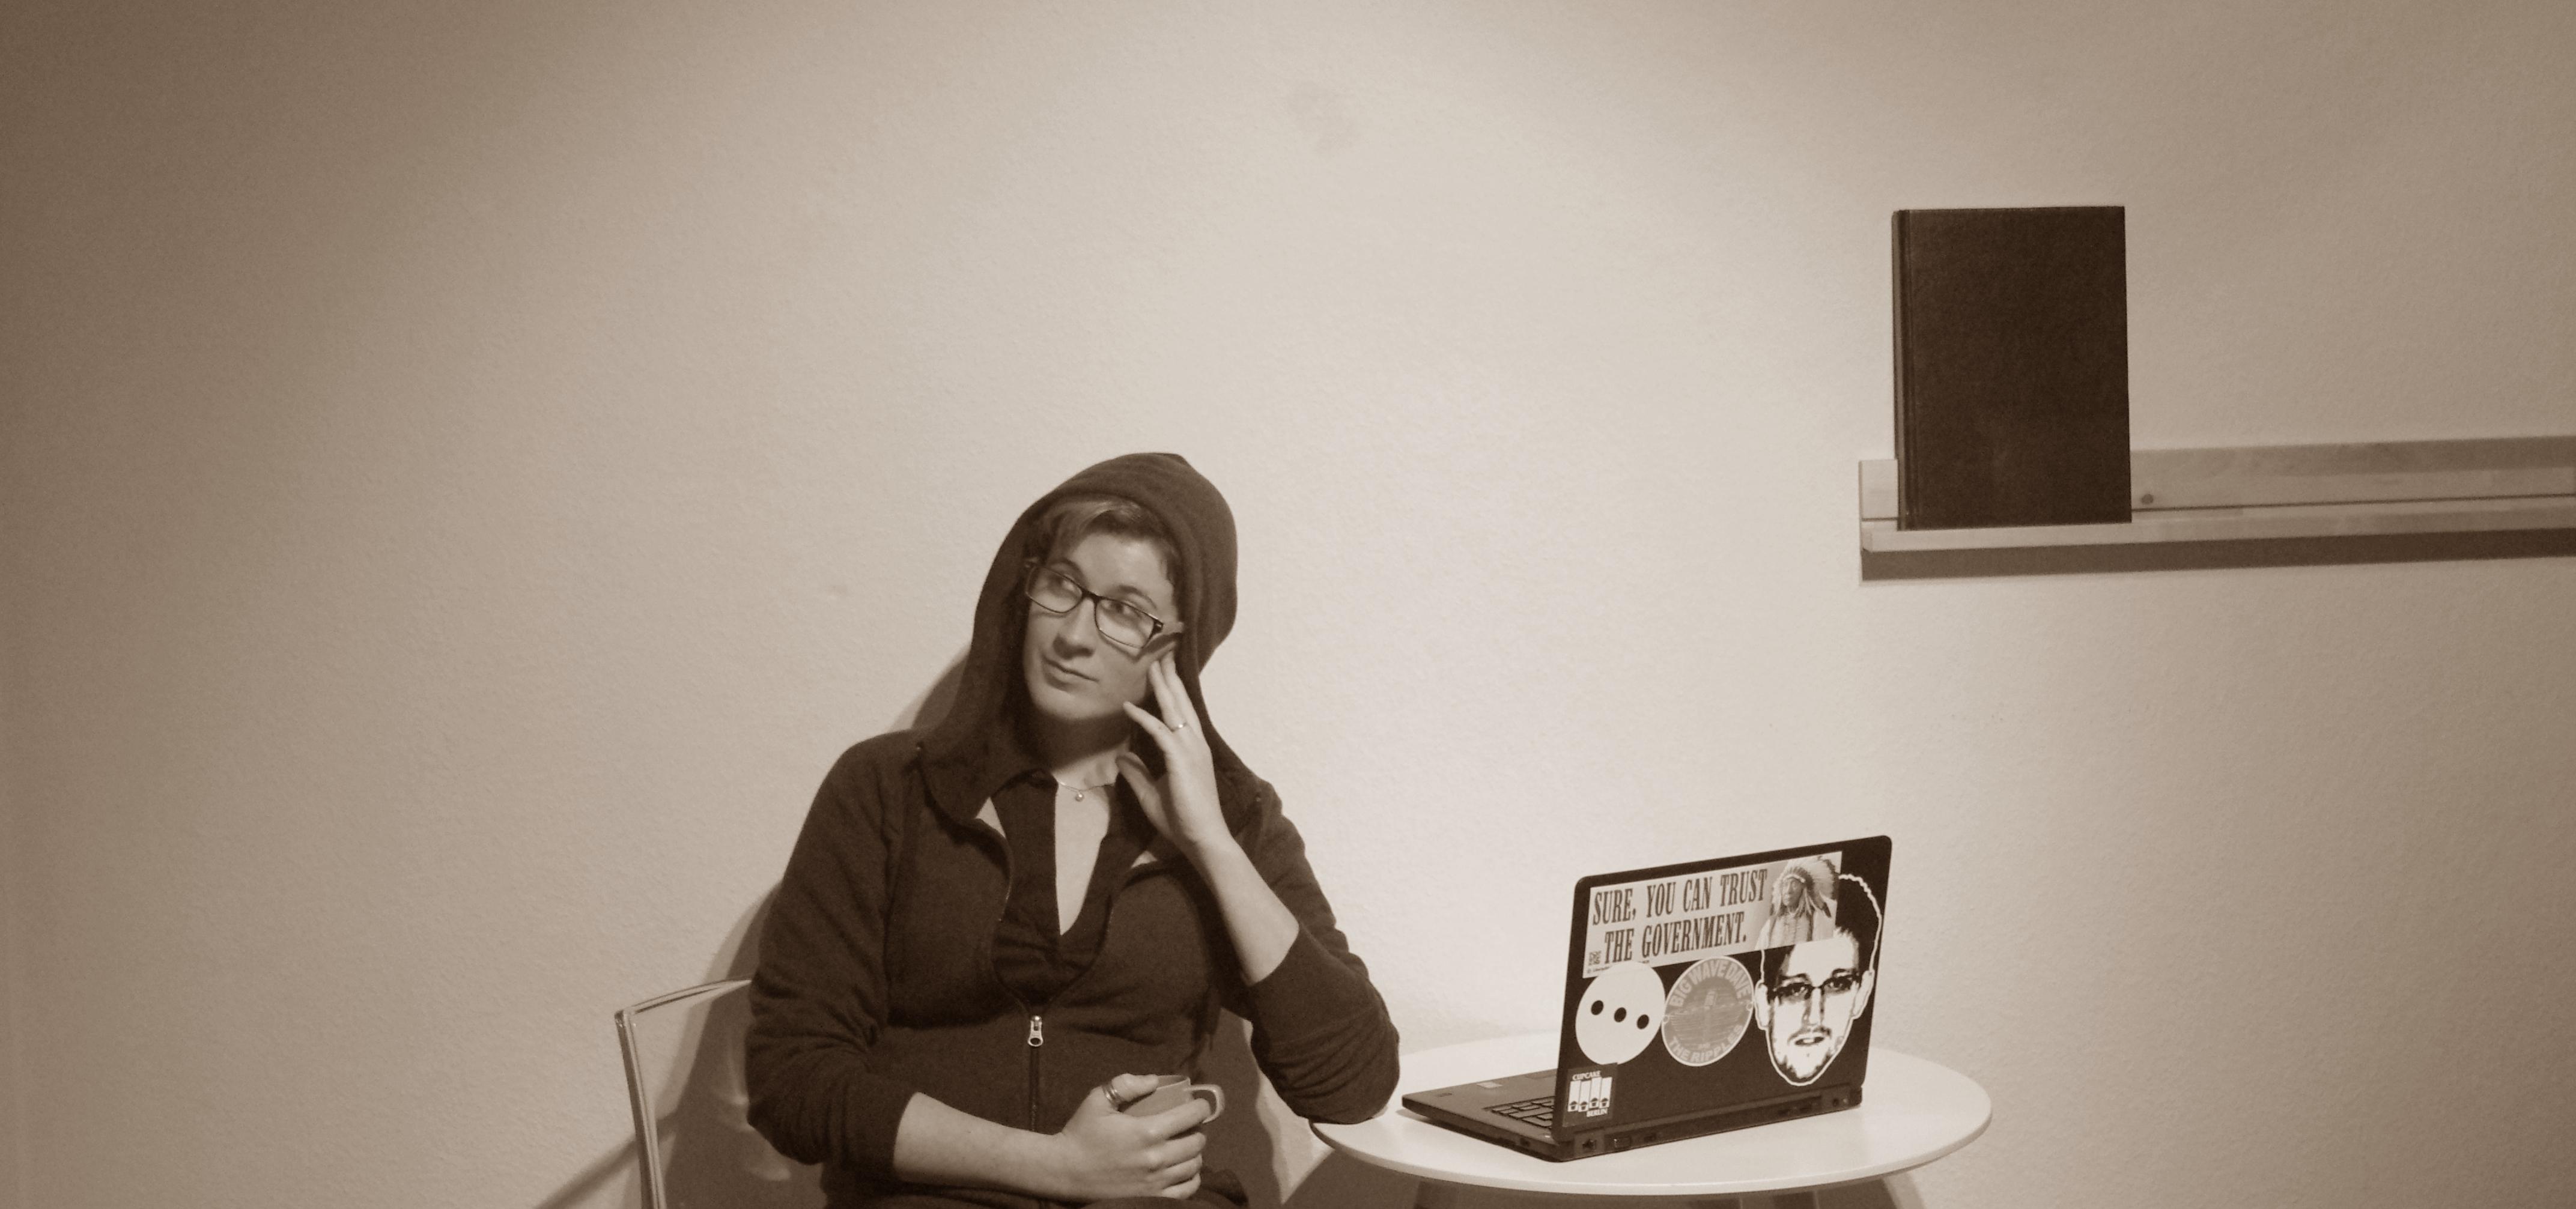 kasey laptop